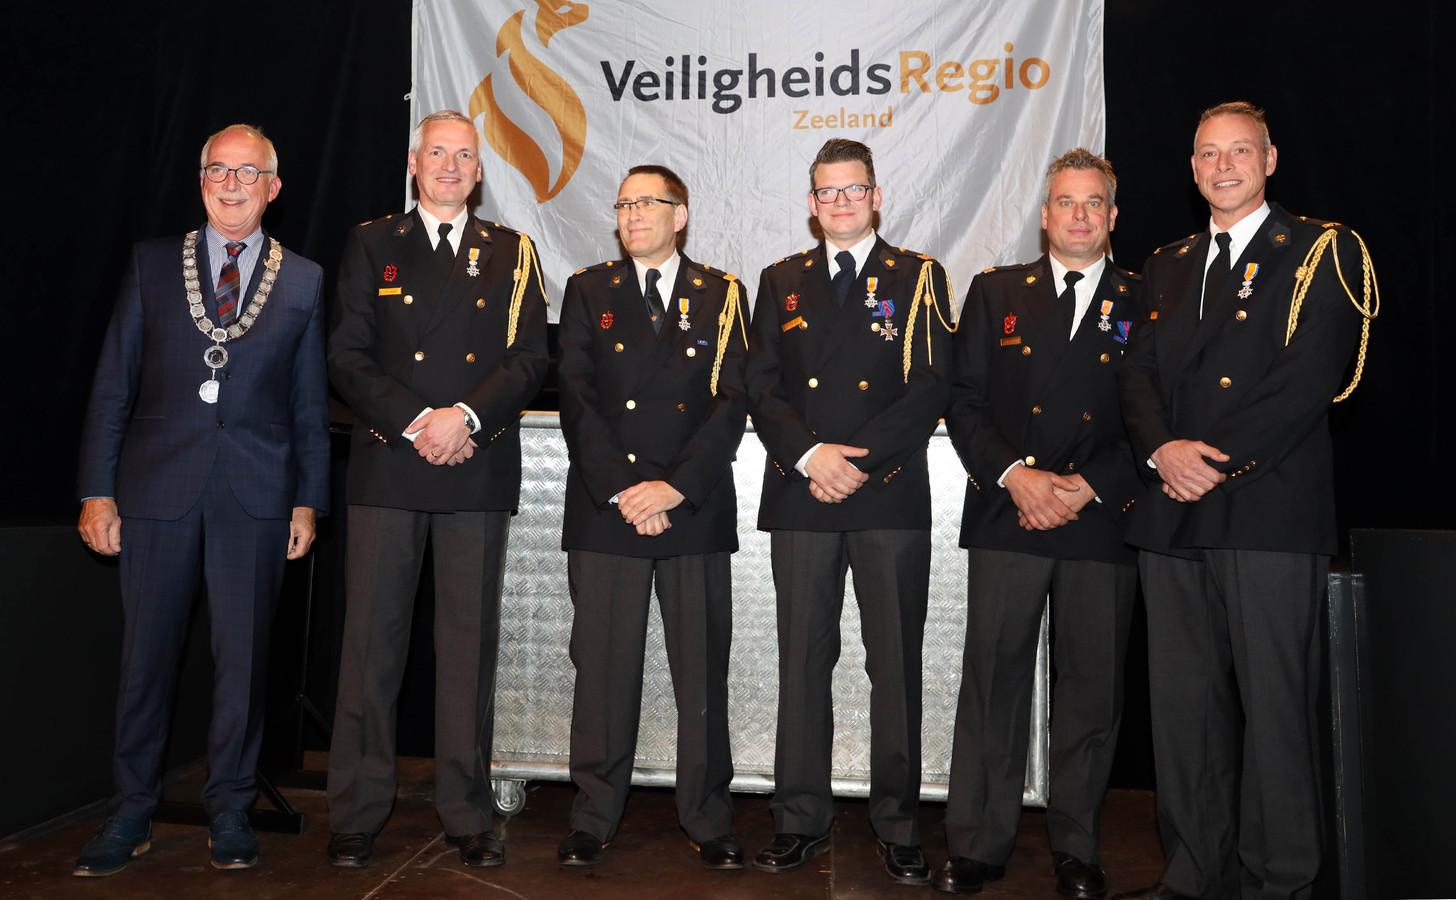 Jan-Frans Mulder (links) reikte lintjes uit aan de jubilerende brandweerlieden vlnr Vincent Lambert, Emiel Wentzler, Kim Boswinkel, Ronald de Nijs en Frank Cornelissens